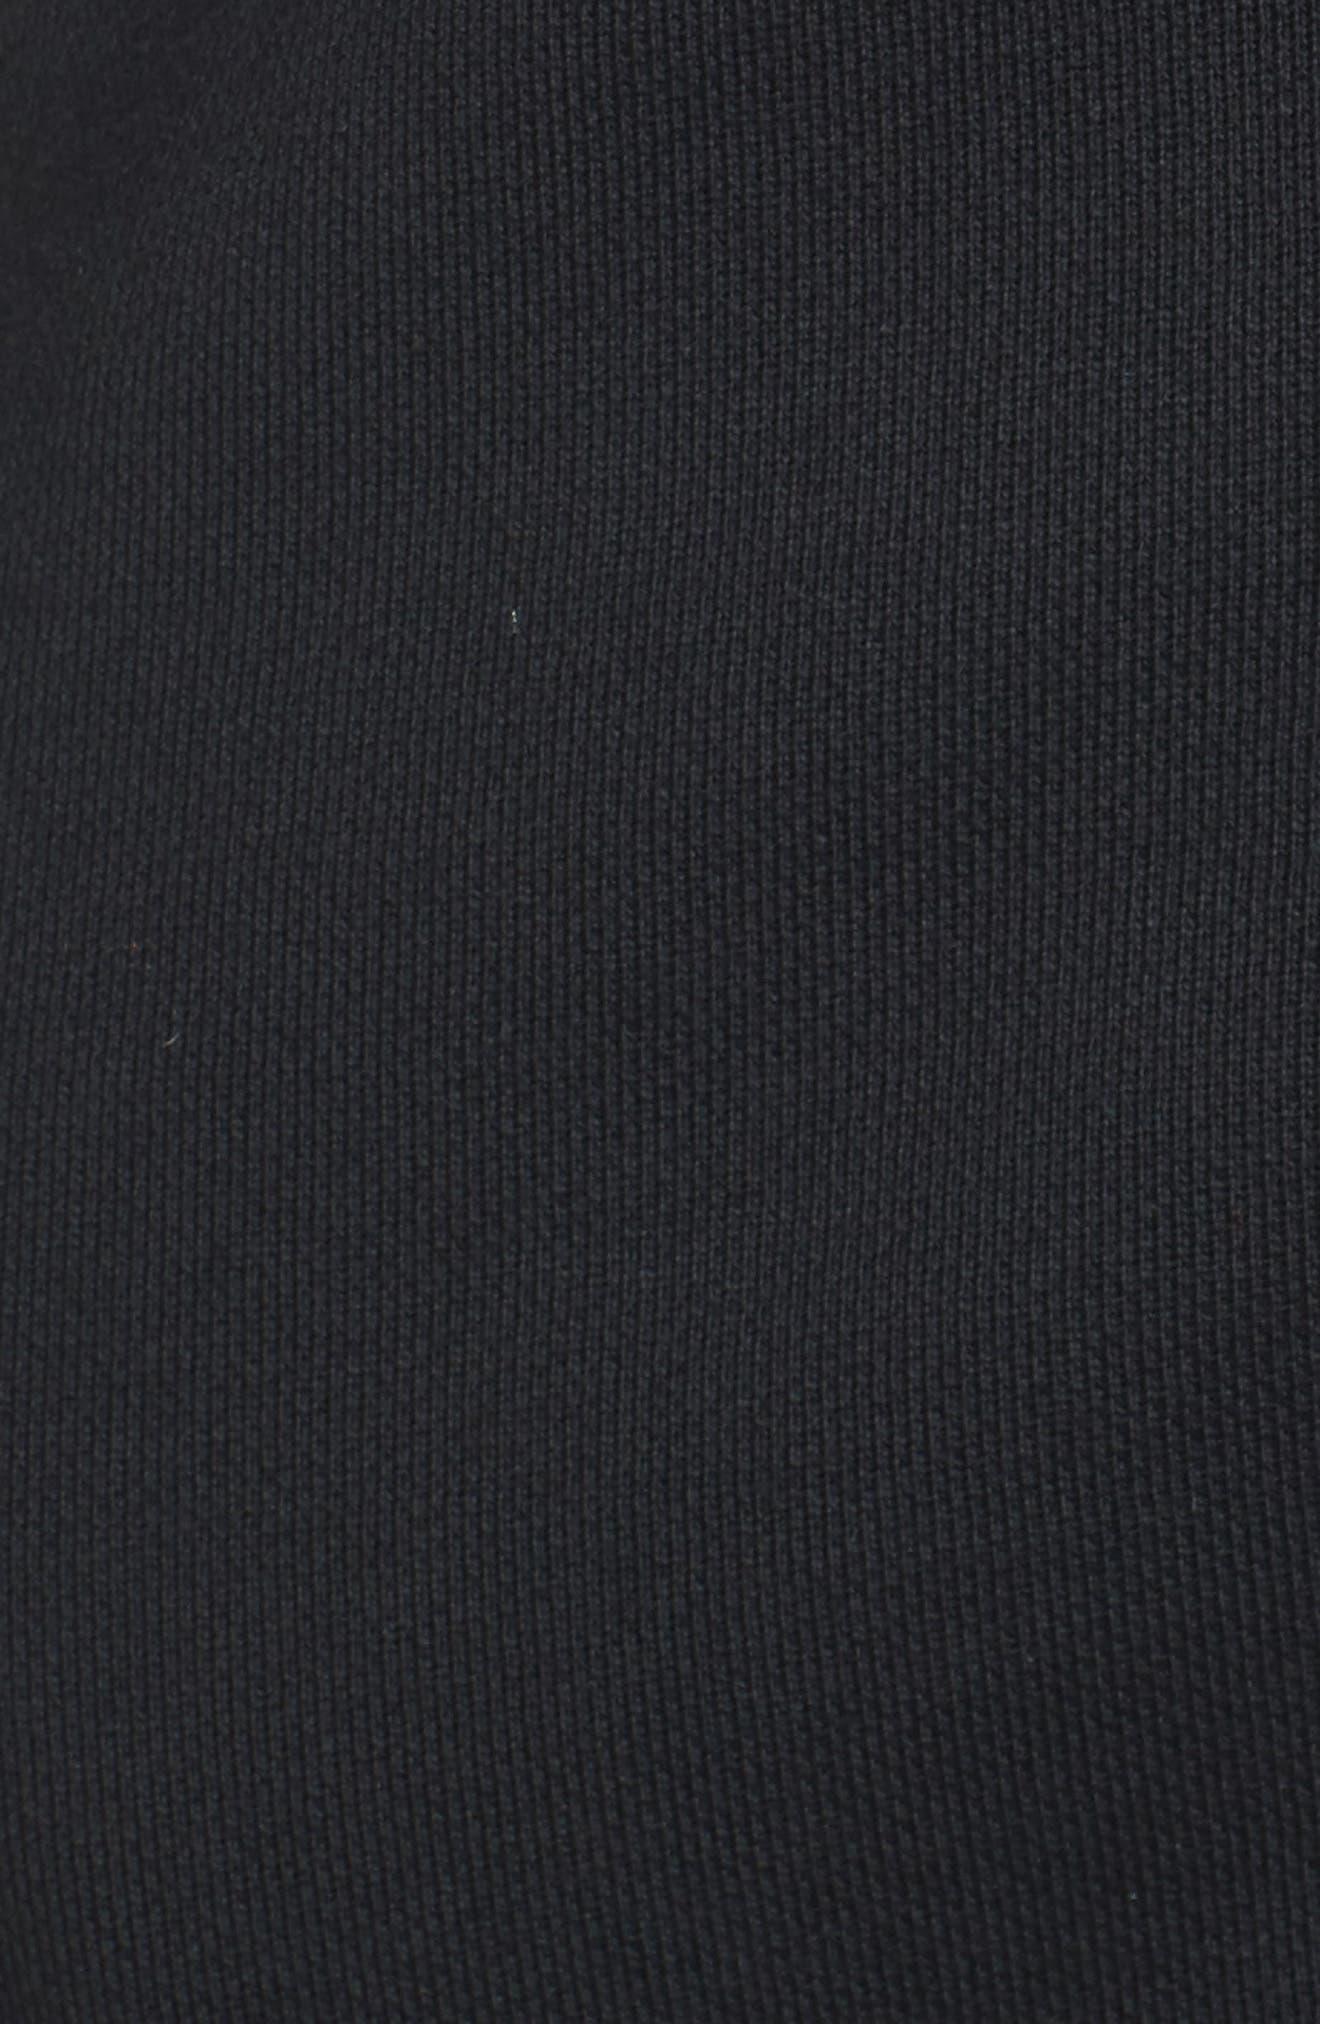 Zip Front Scuba Dress,                             Alternate thumbnail 6, color,                             001